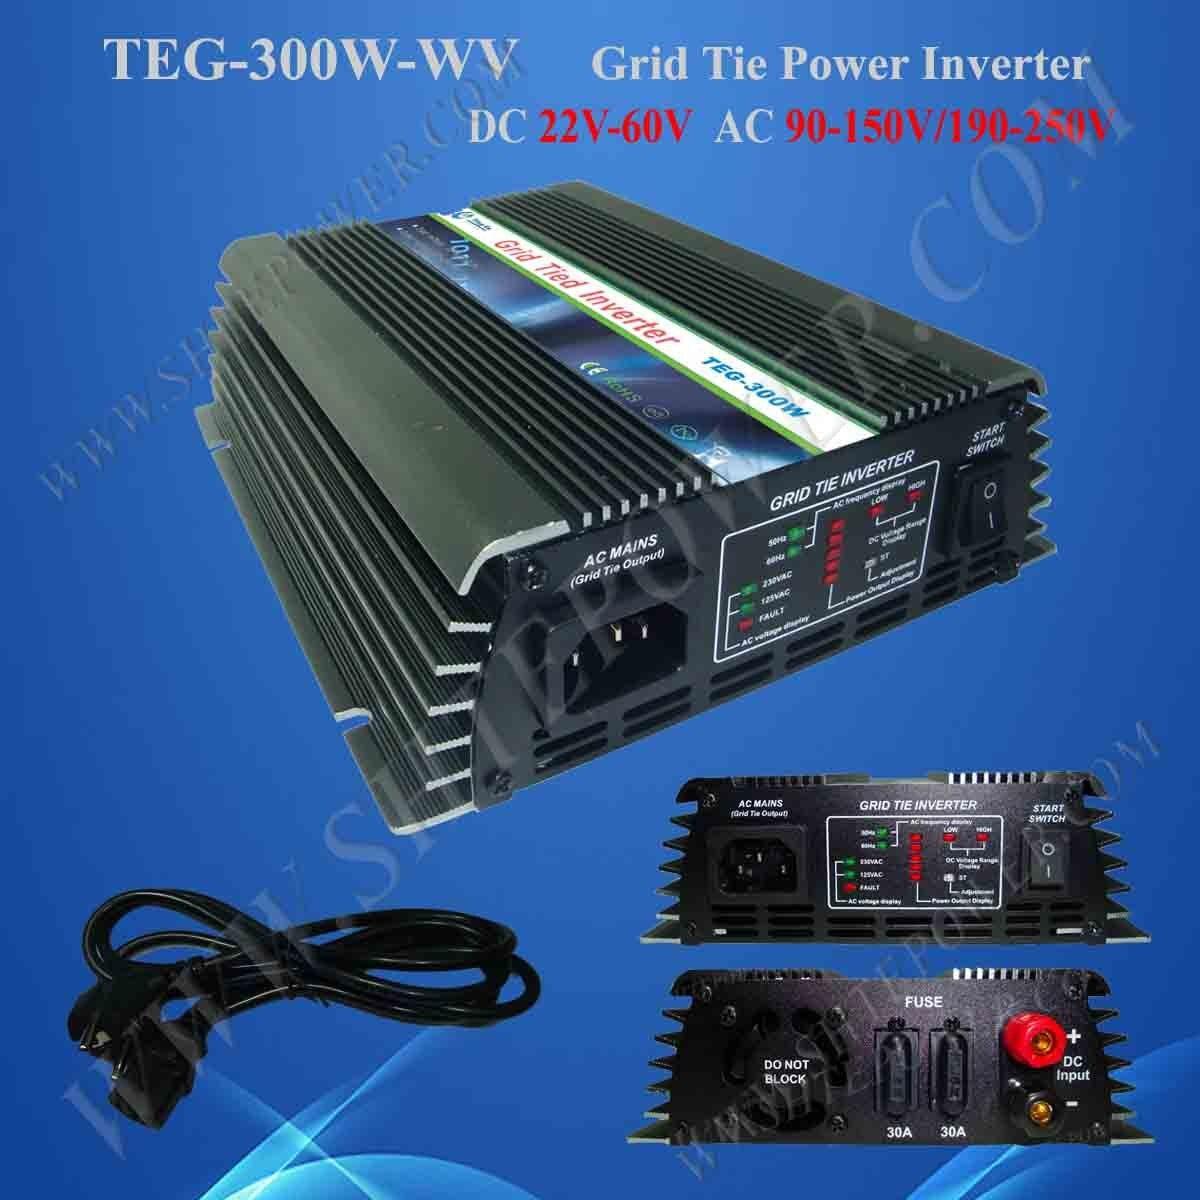 Сетевой инвертор 22V-60VDC для 110VAC, встроенный инвертор с широким напряжением 300 W